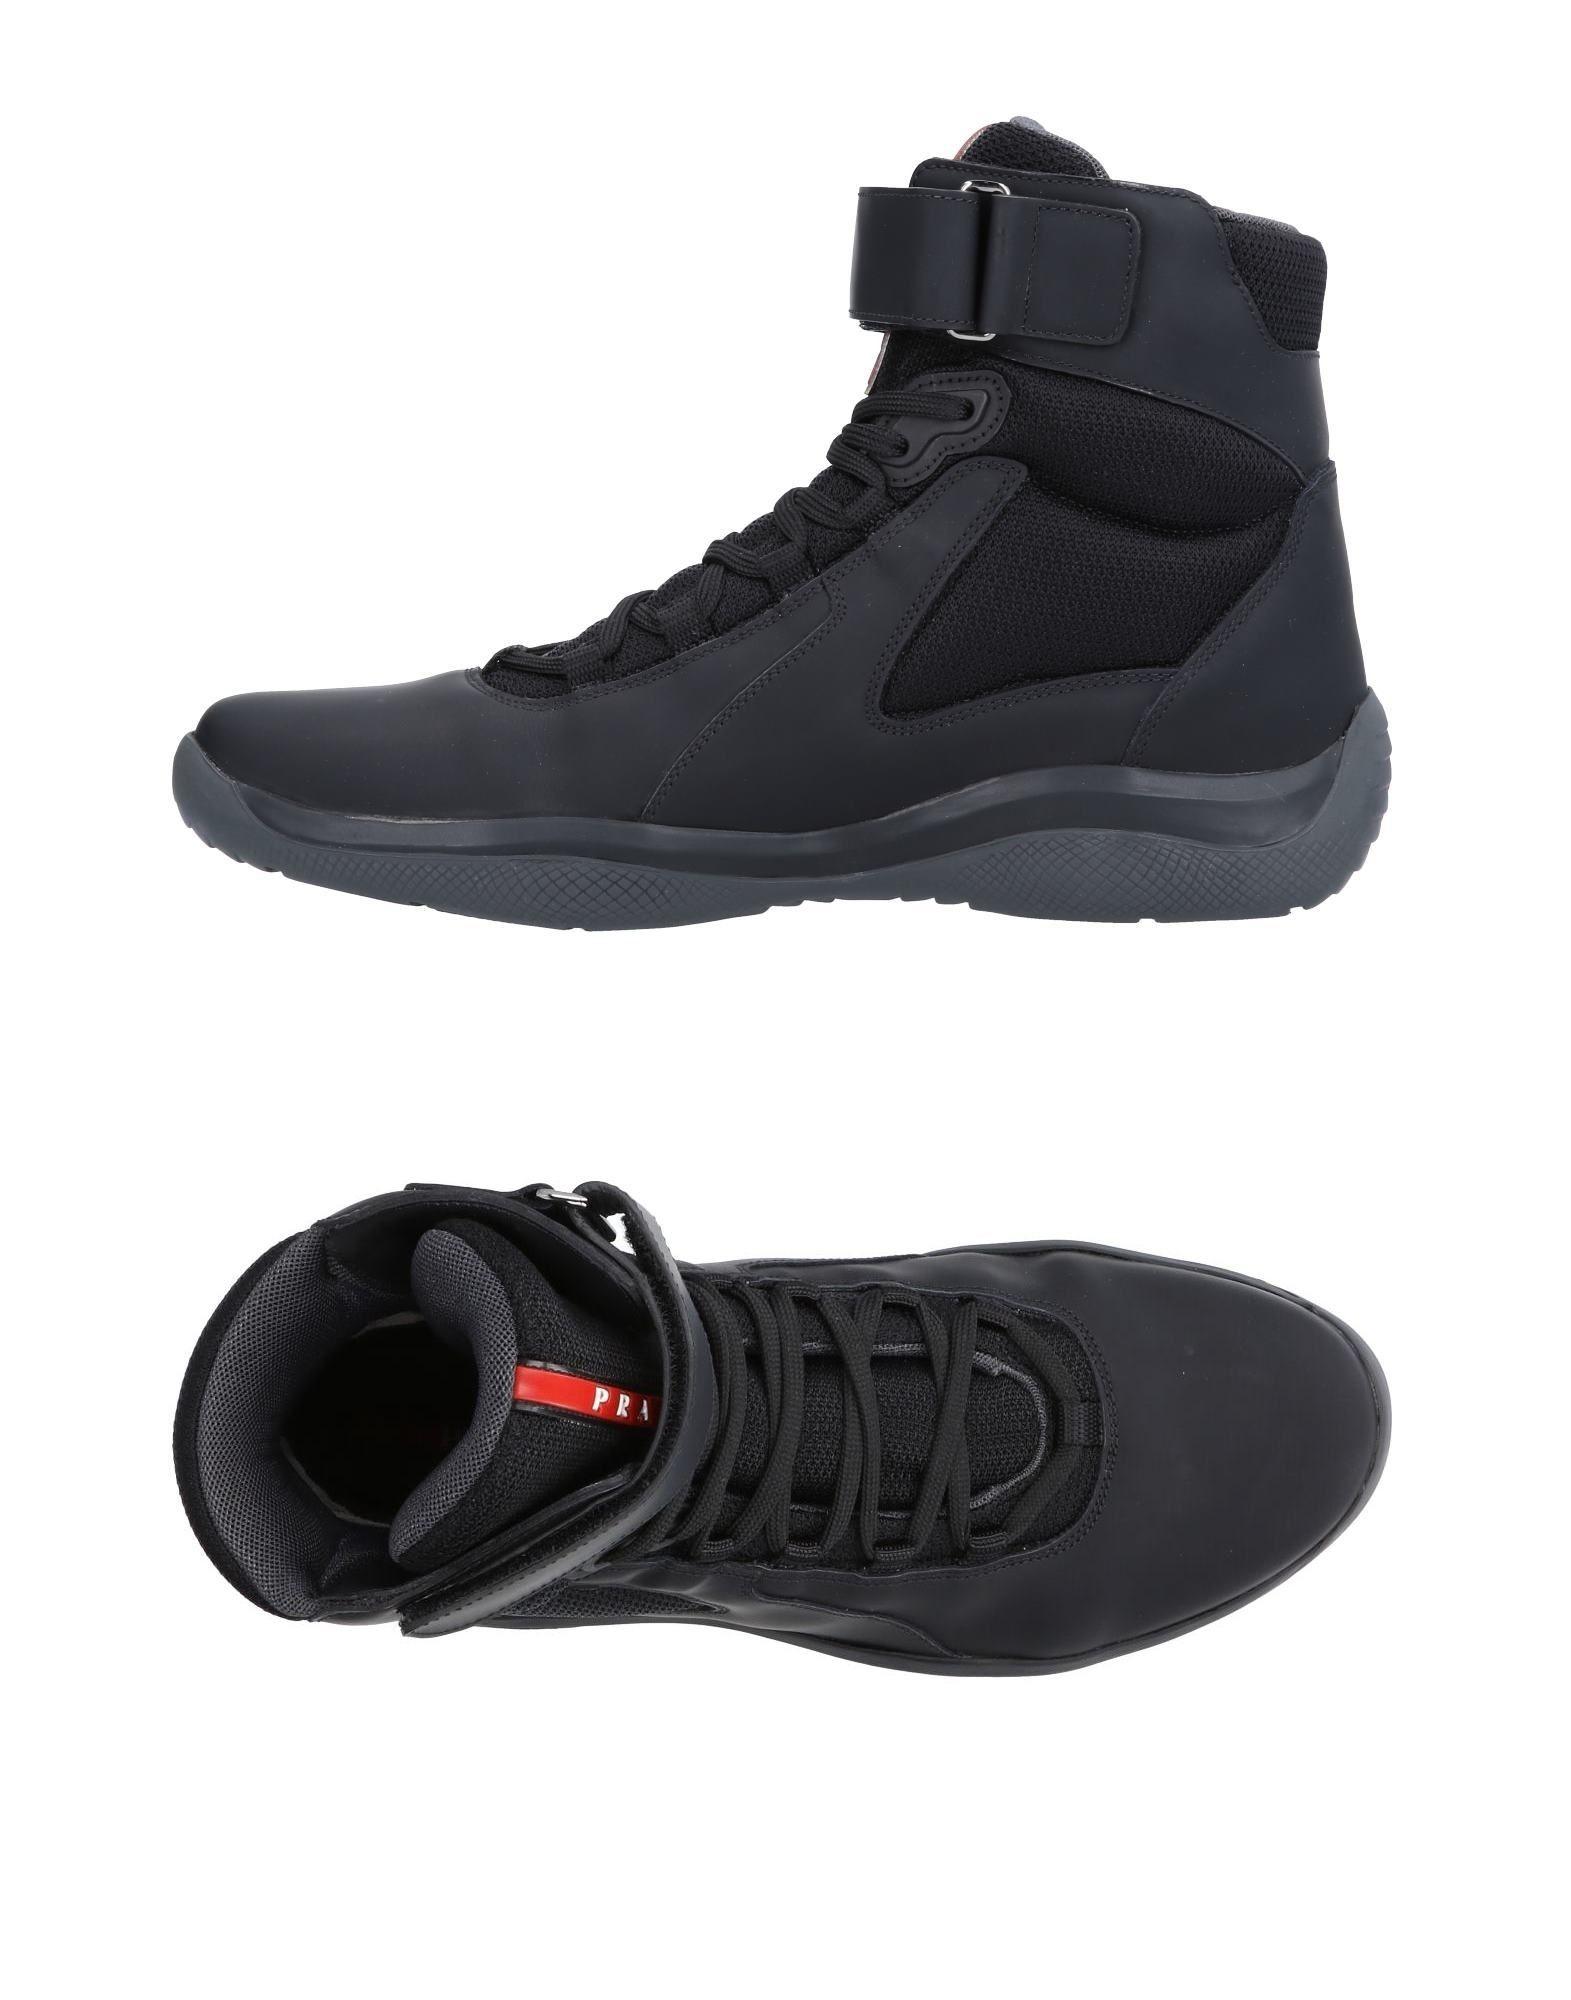 Sneakers Dkny Donna - 11424567EF Scarpe economiche e buone